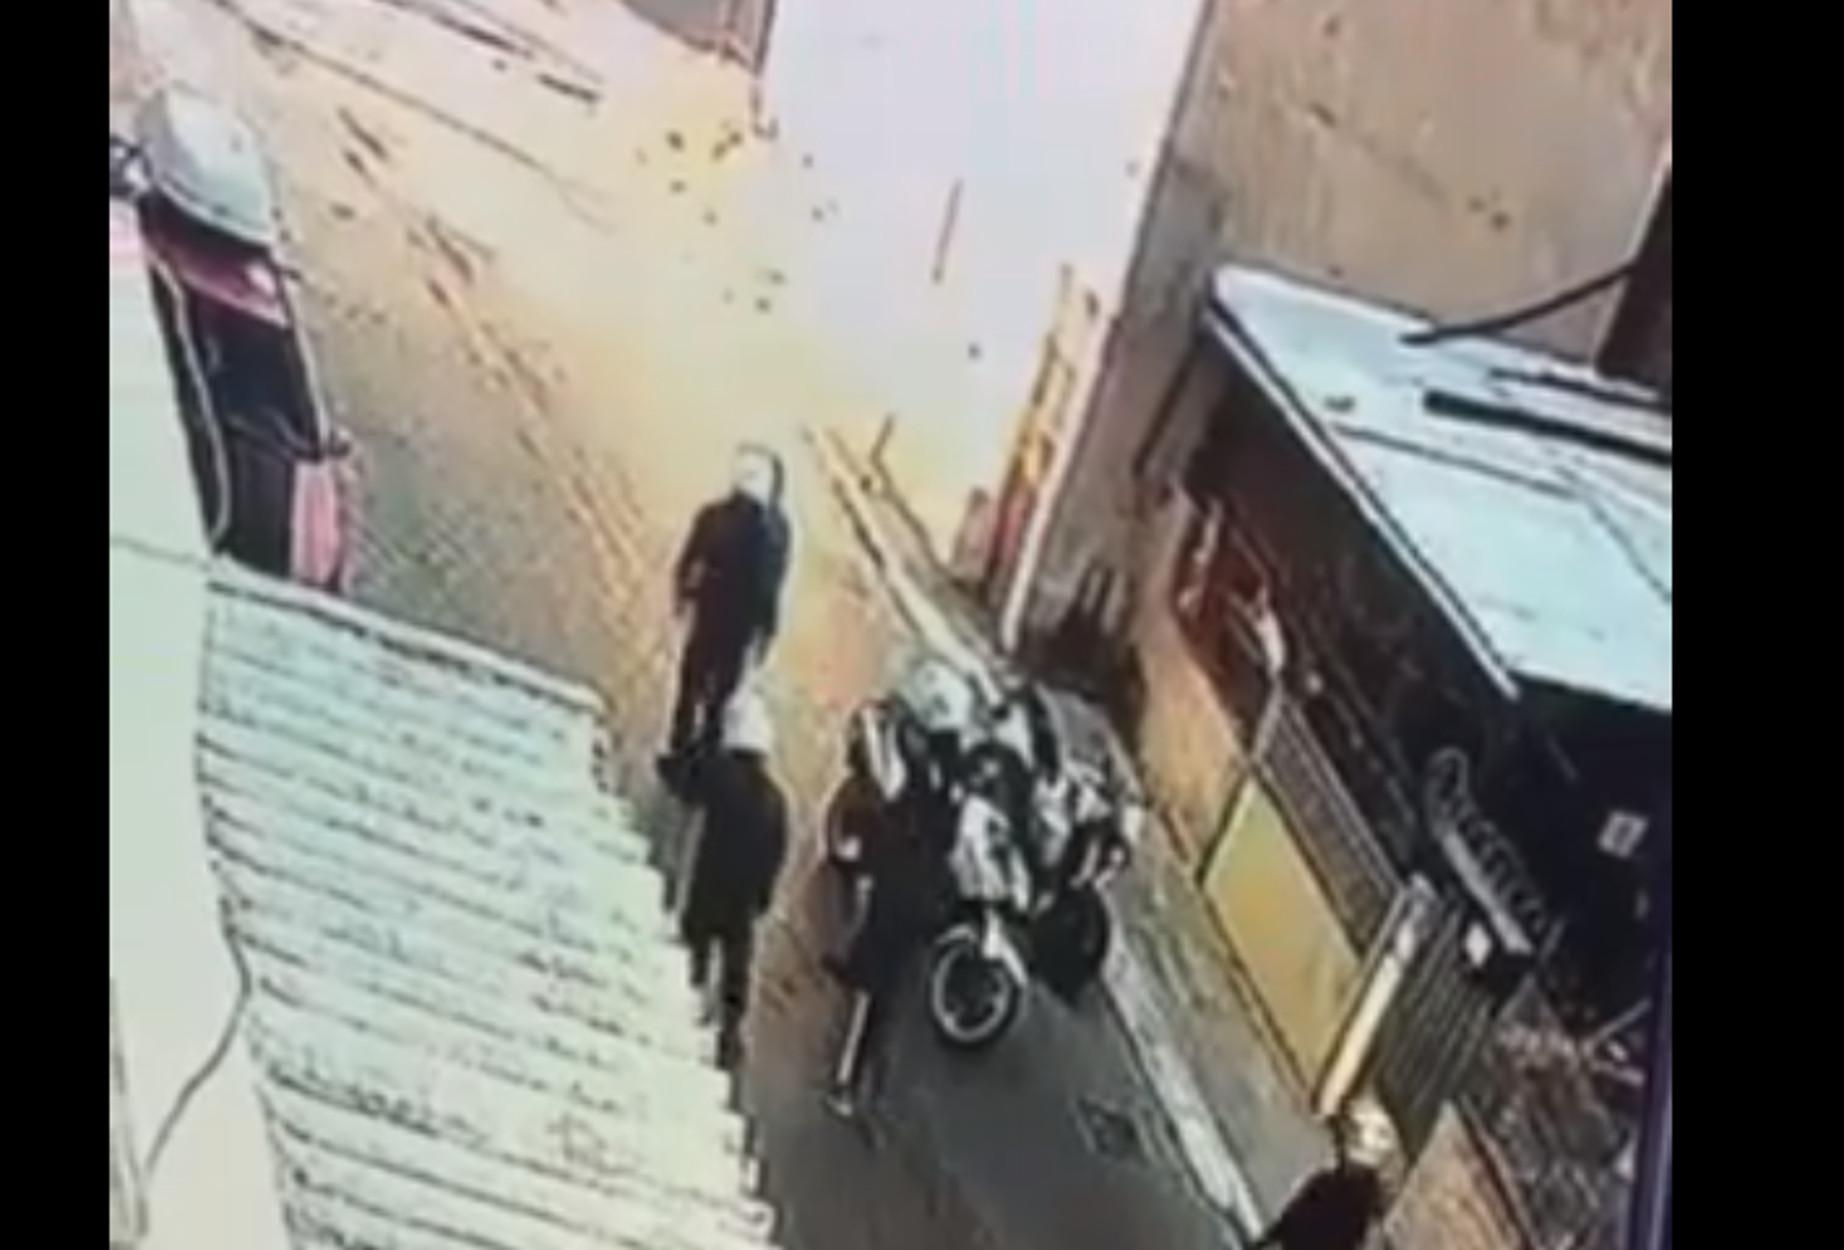 """Άφαντος ο """"νταής"""" αστυνομικός που χτύπησε τον 11χρονο - """"Δεν καταλάβαμε τι έγινε"""" λένε οι άλλοι 3 που ήταν μαζί του"""